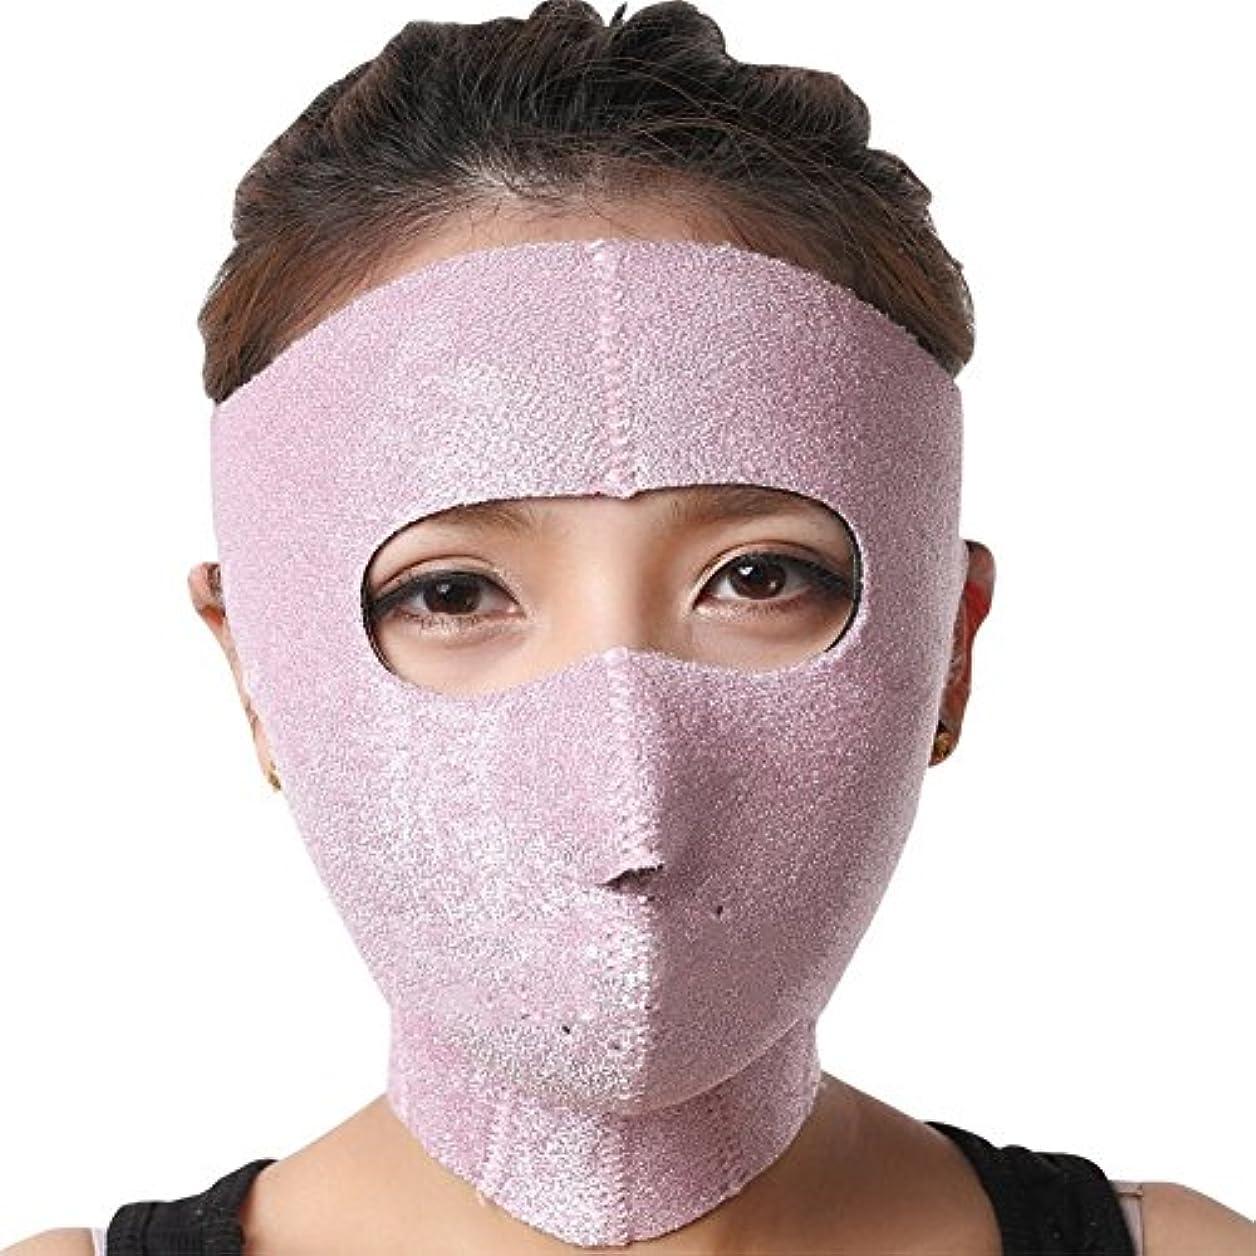 ゲスト欠席大きい汗だくマスク 小顔 サウナ マスク 汗 発汗 フェイス 顔 TEC-KONARUD